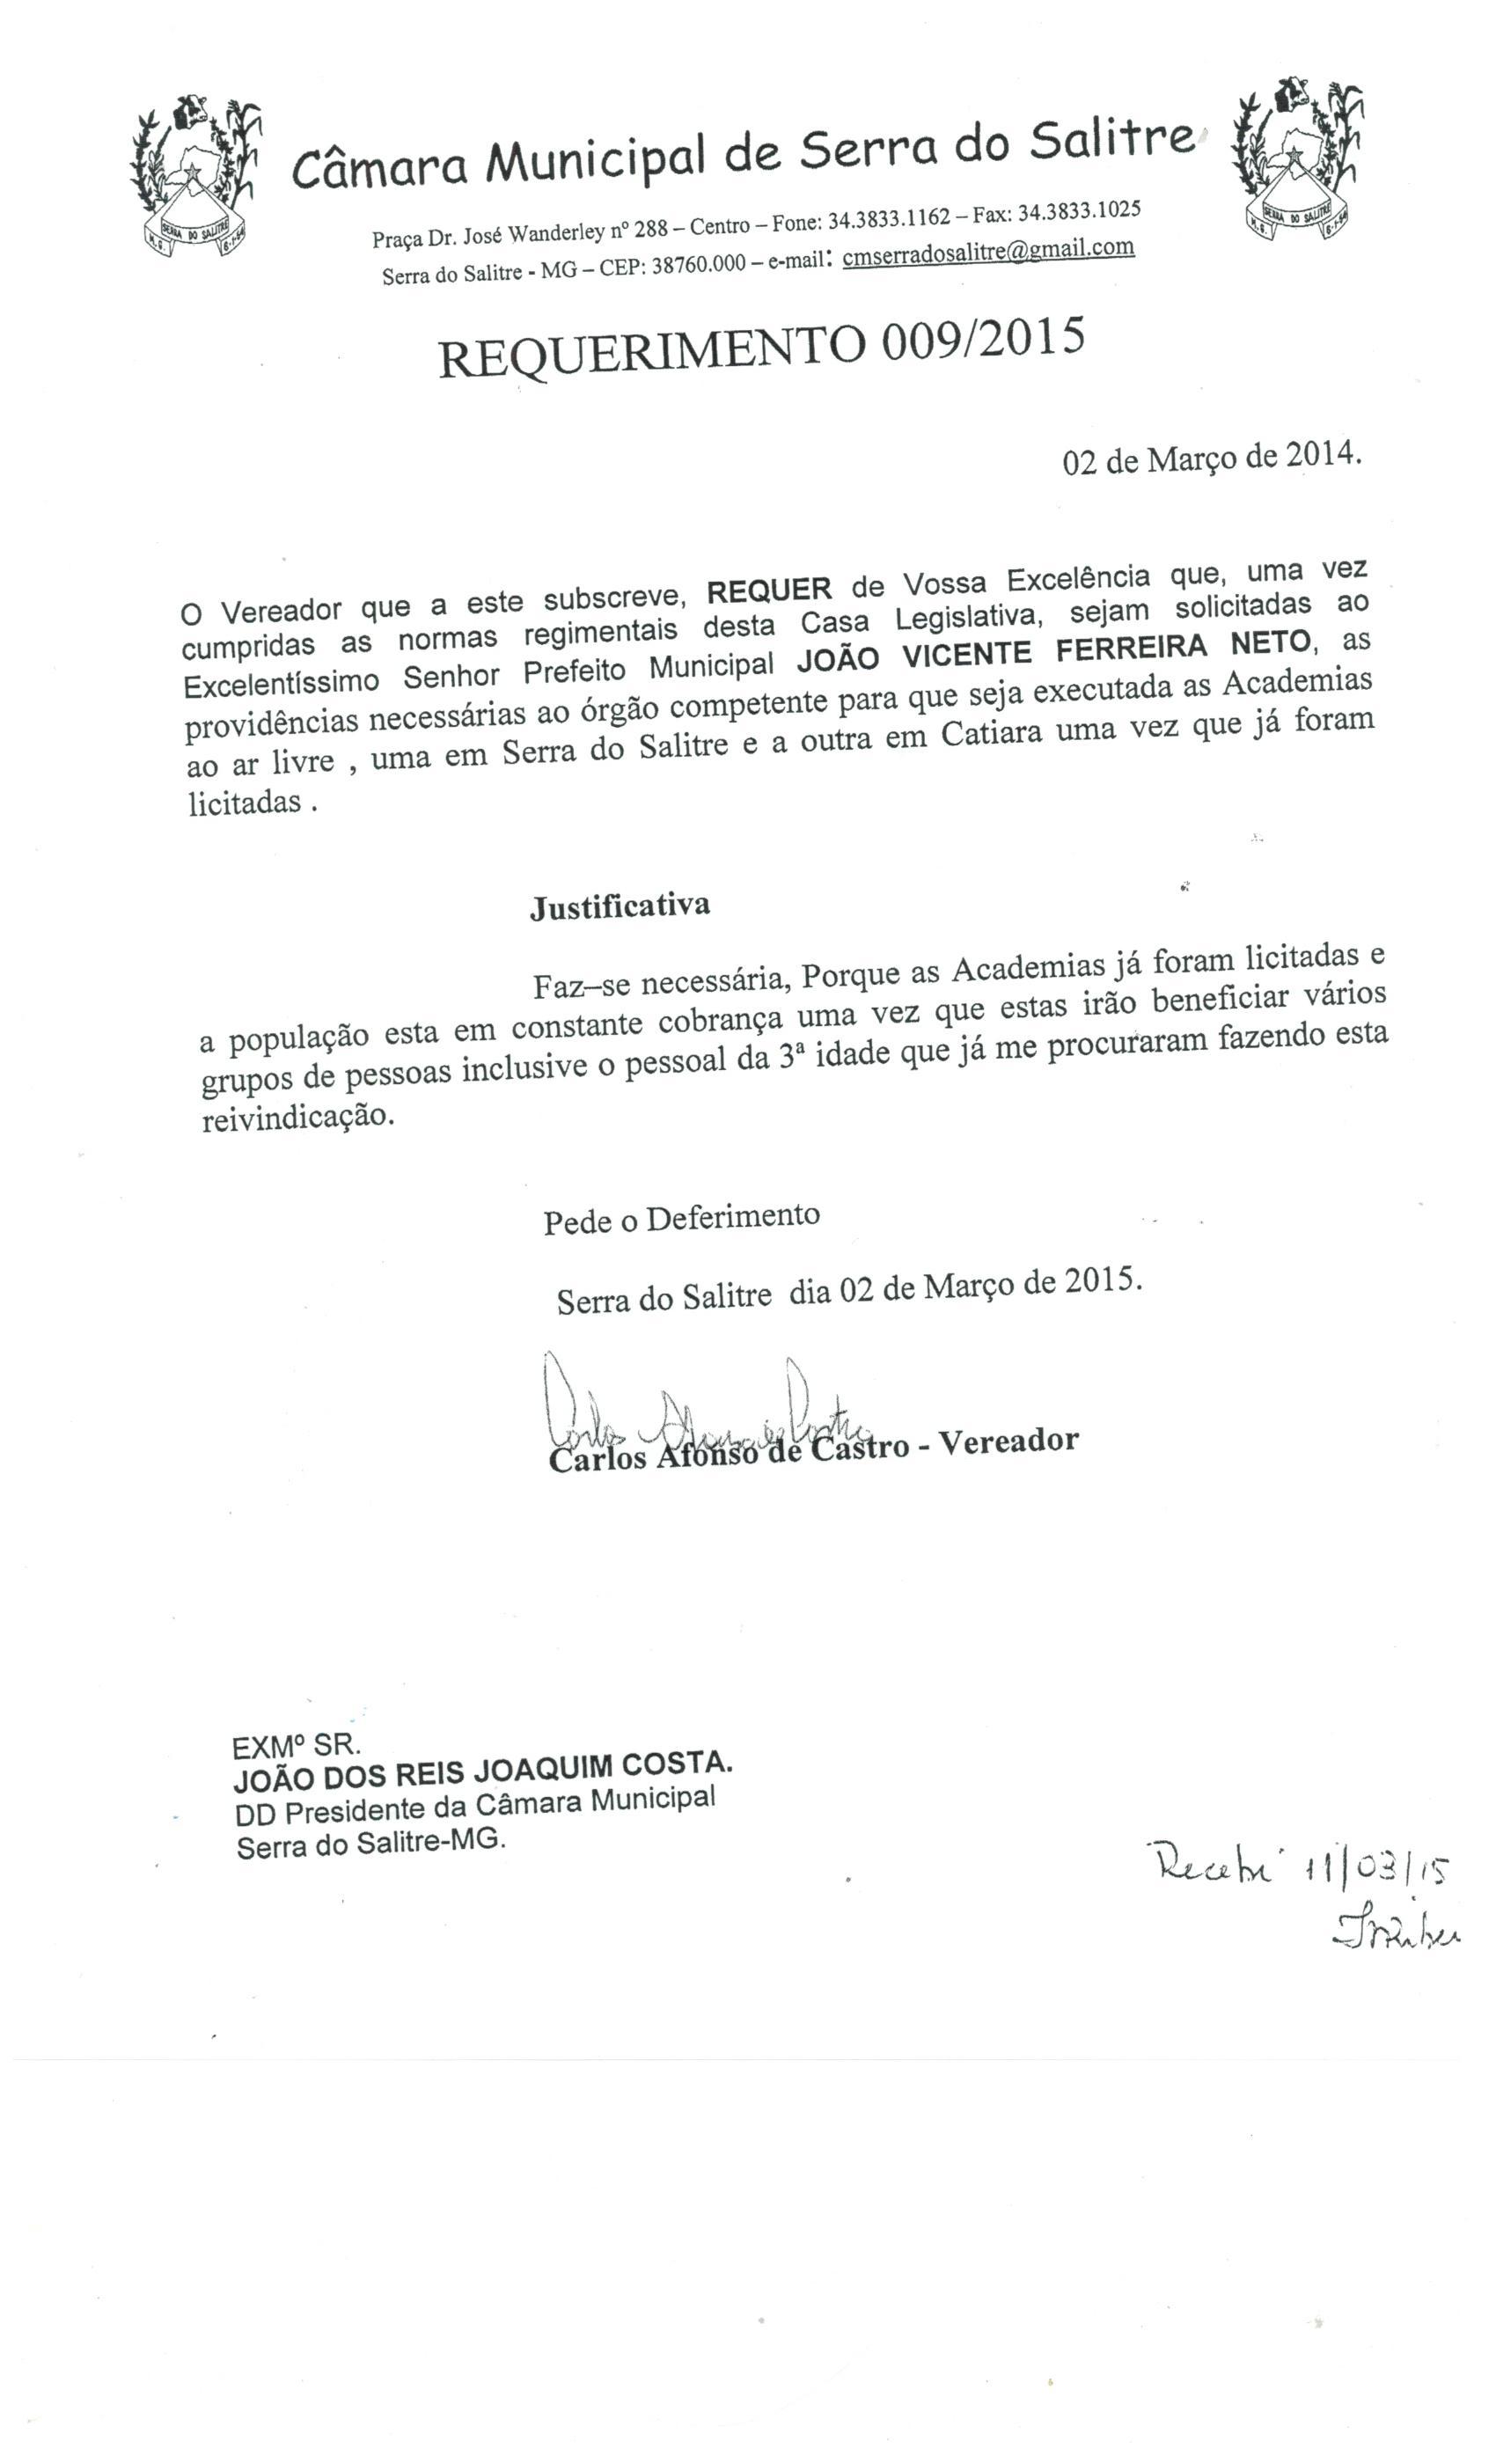 REQUERIMENTO_Nº_9.jpeg